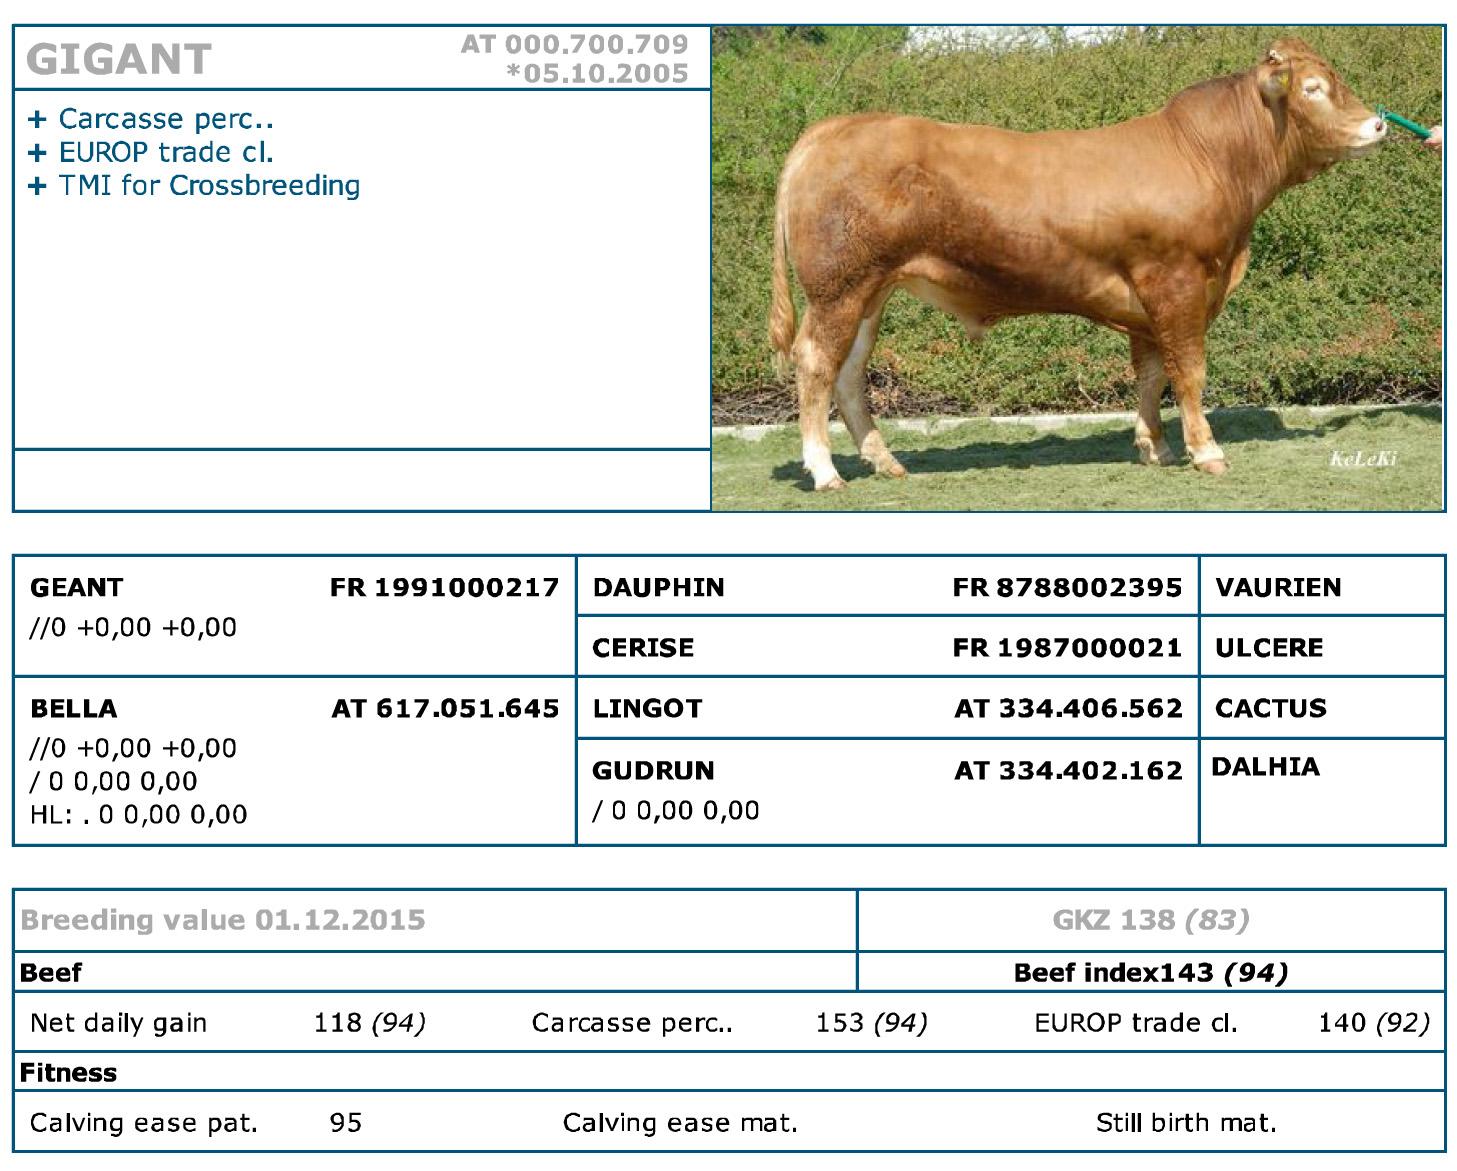 Limousin - Beef Breeds - Semen - geneti...ls, Bull, Rumba, Wille